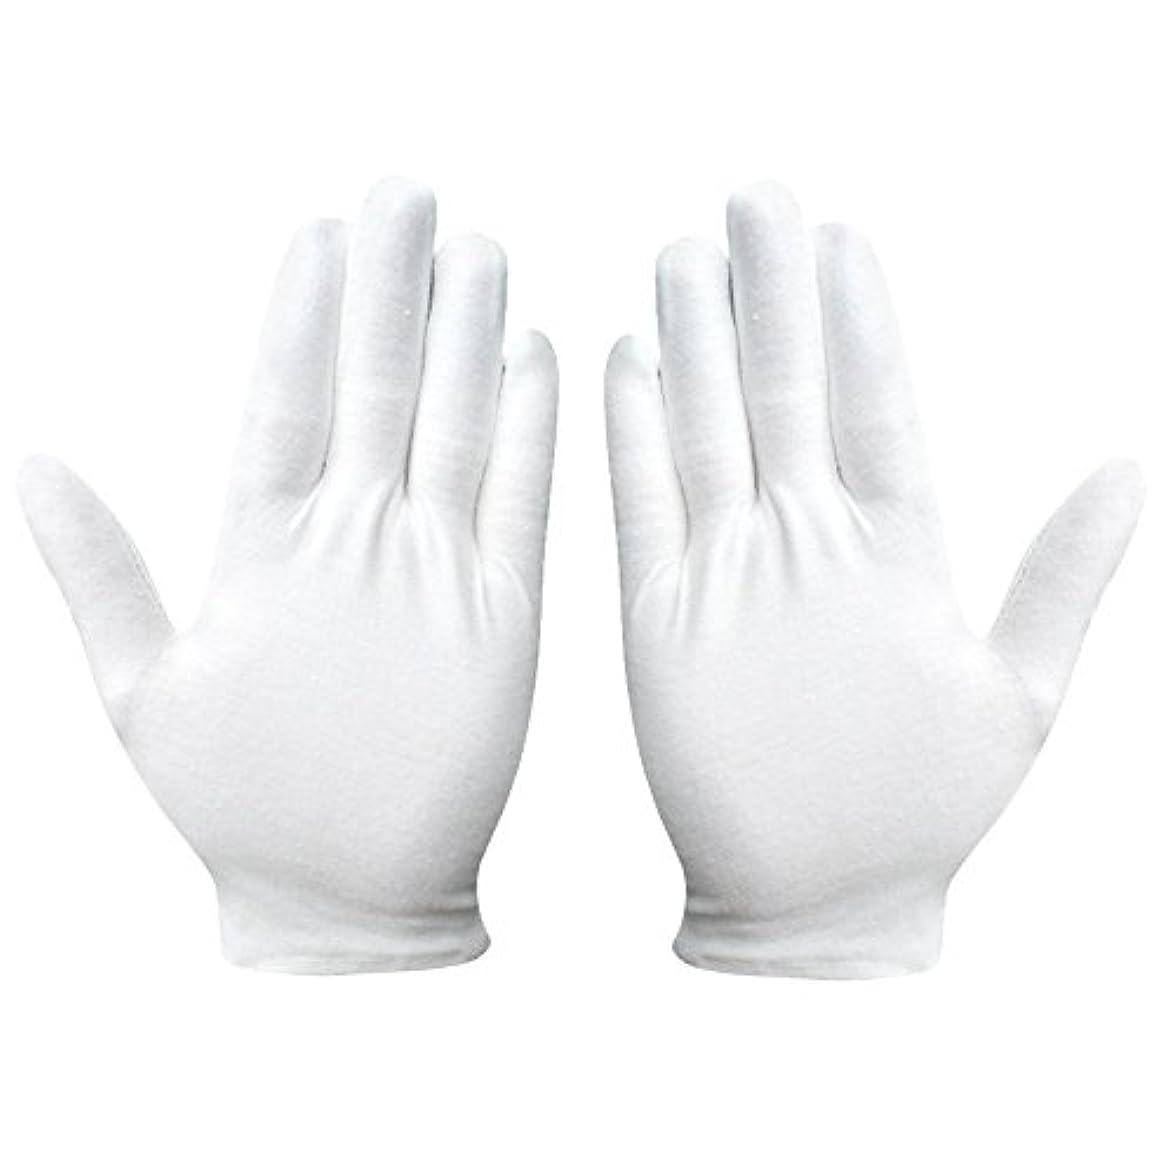 綿手袋 純綿 コットン手袋 白手袋 薄手 通気性 手荒れ予防 【湿疹用 乾燥肌用 保湿用 礼装用】12双組